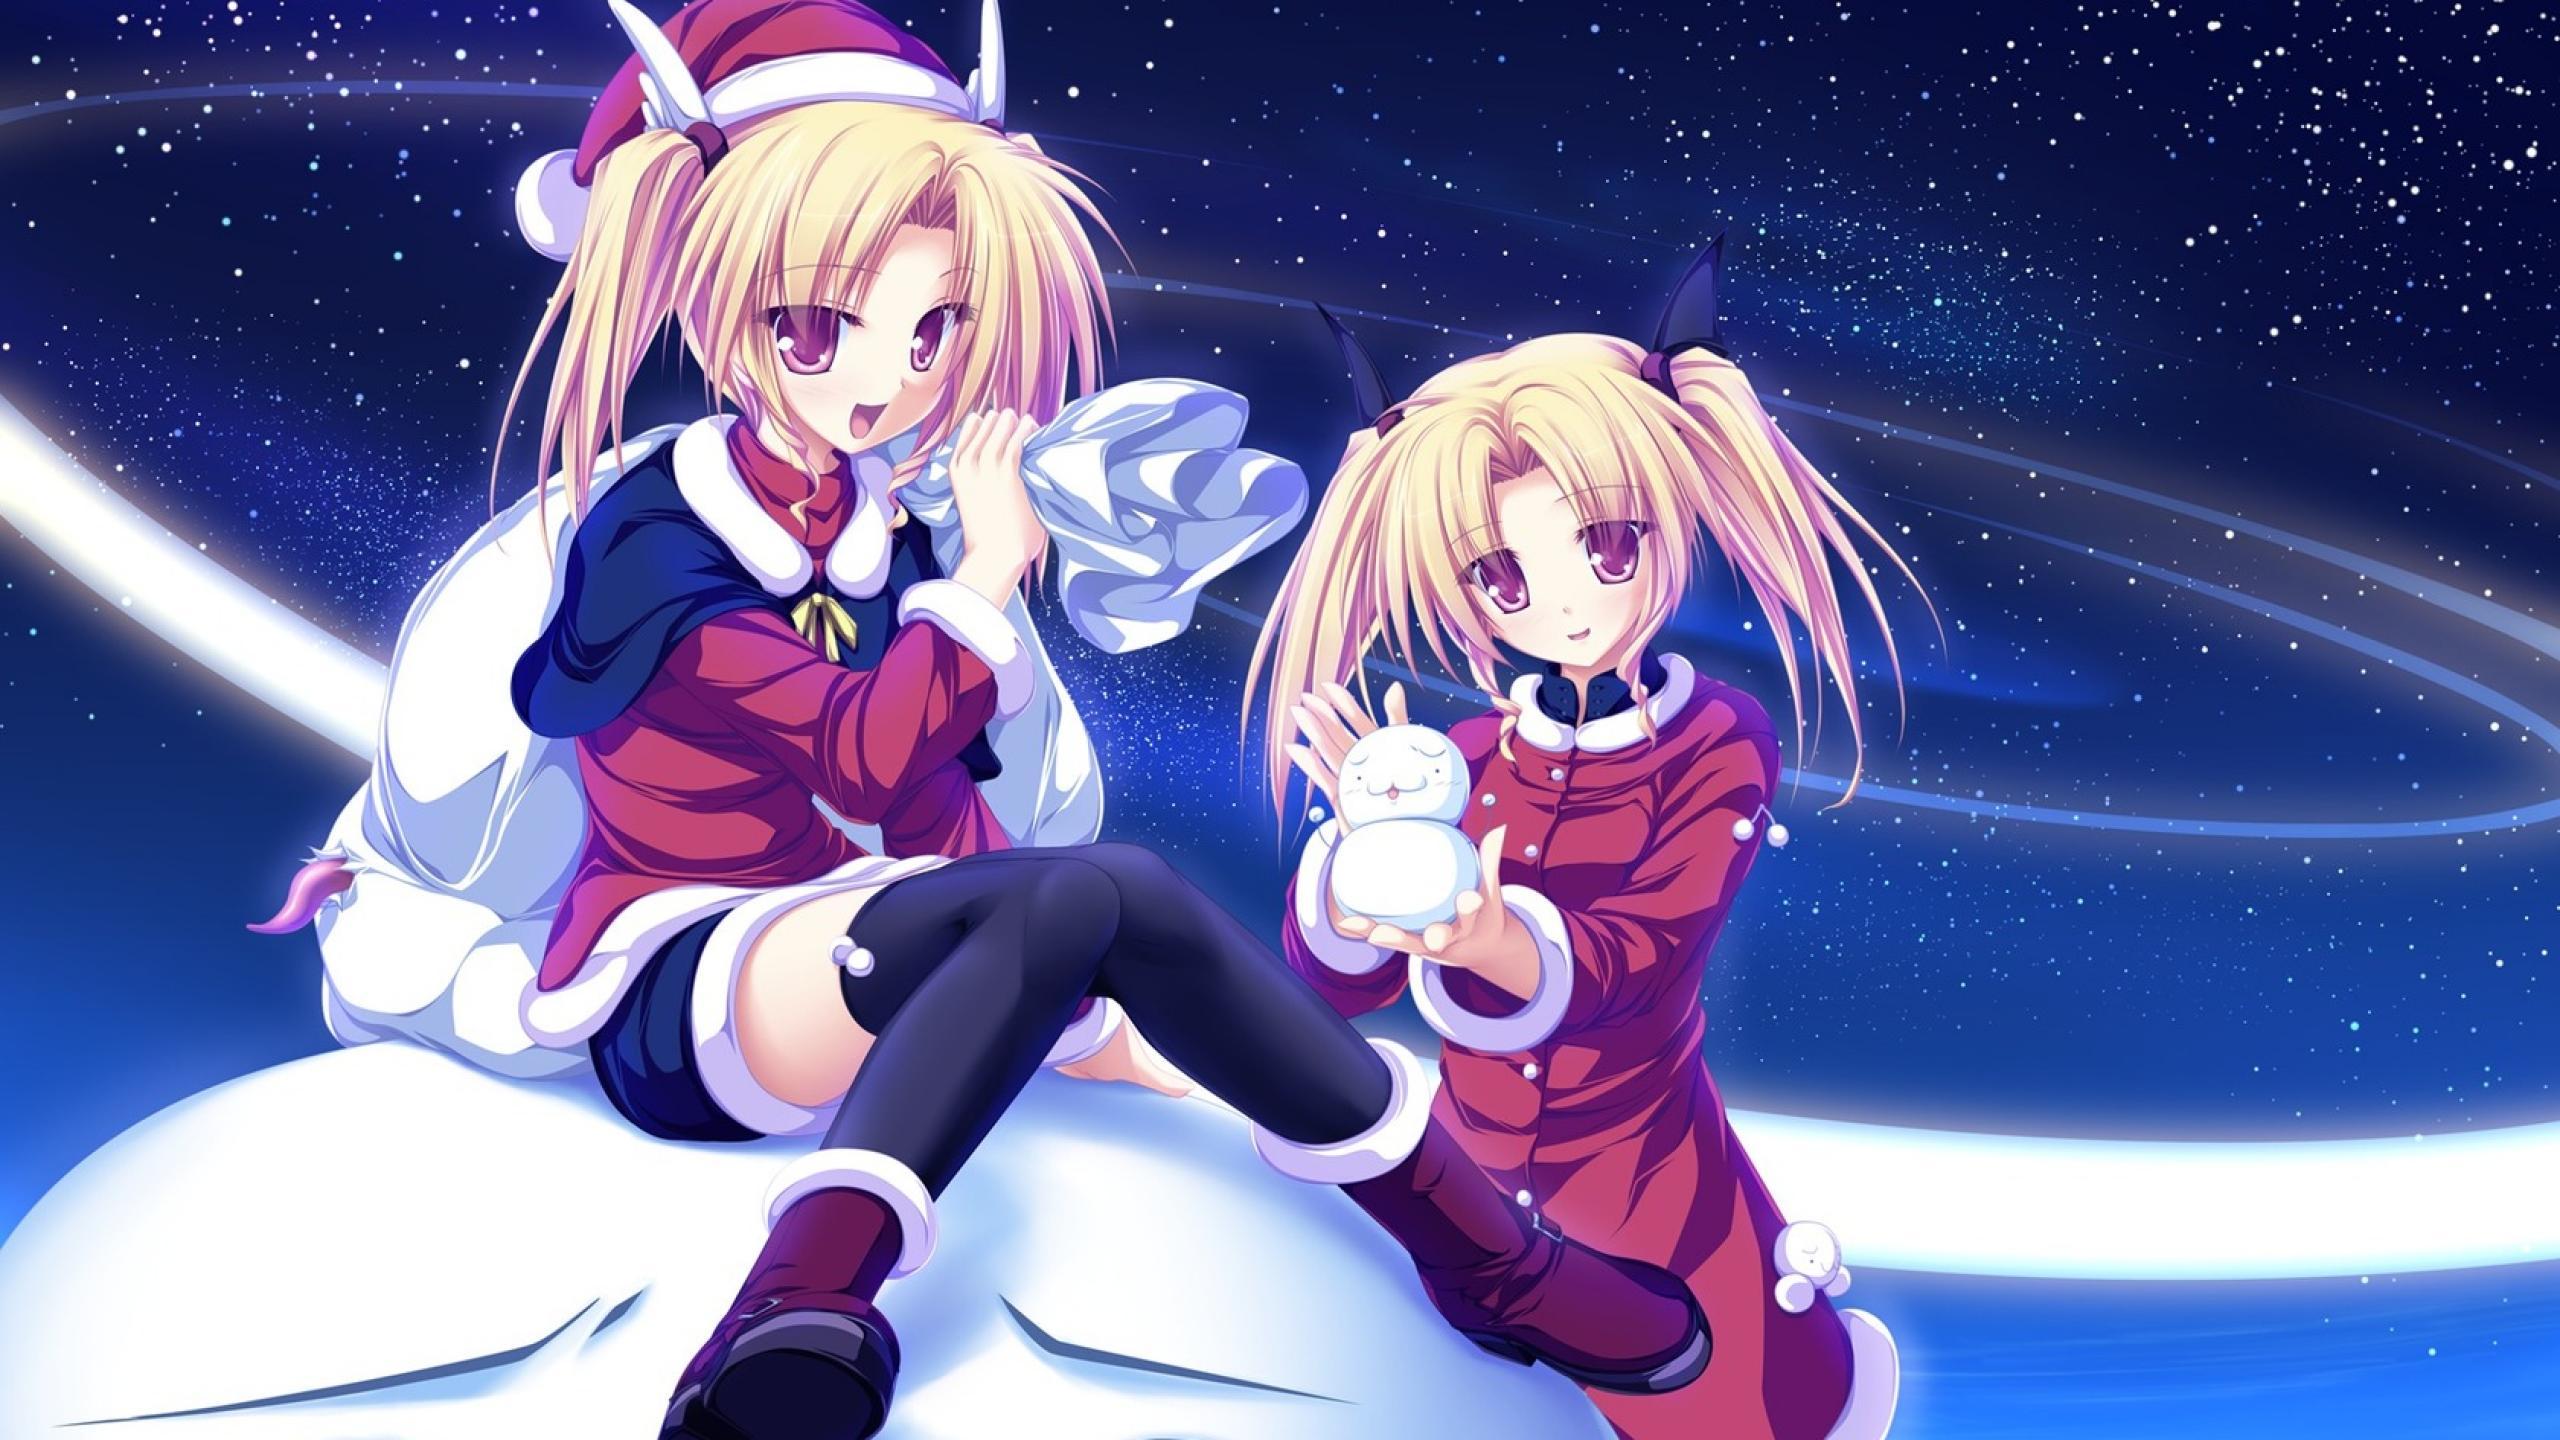 Культовые аниме на новогоднюю тематику